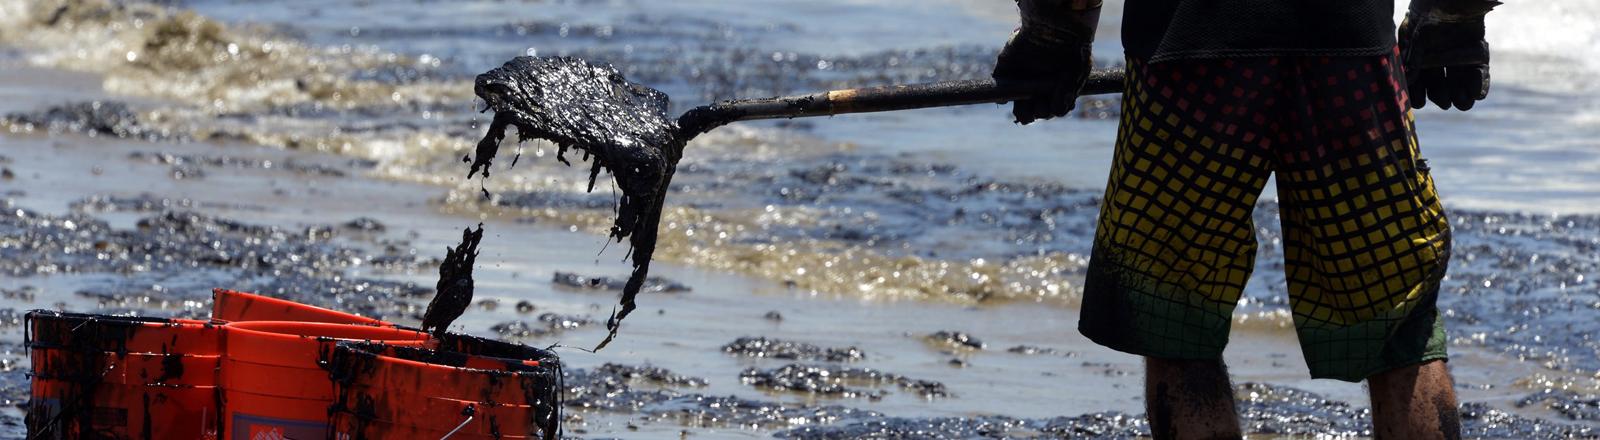 Ein Freiwilliger reinigt den Strand vor Santa Barbara von Öl.